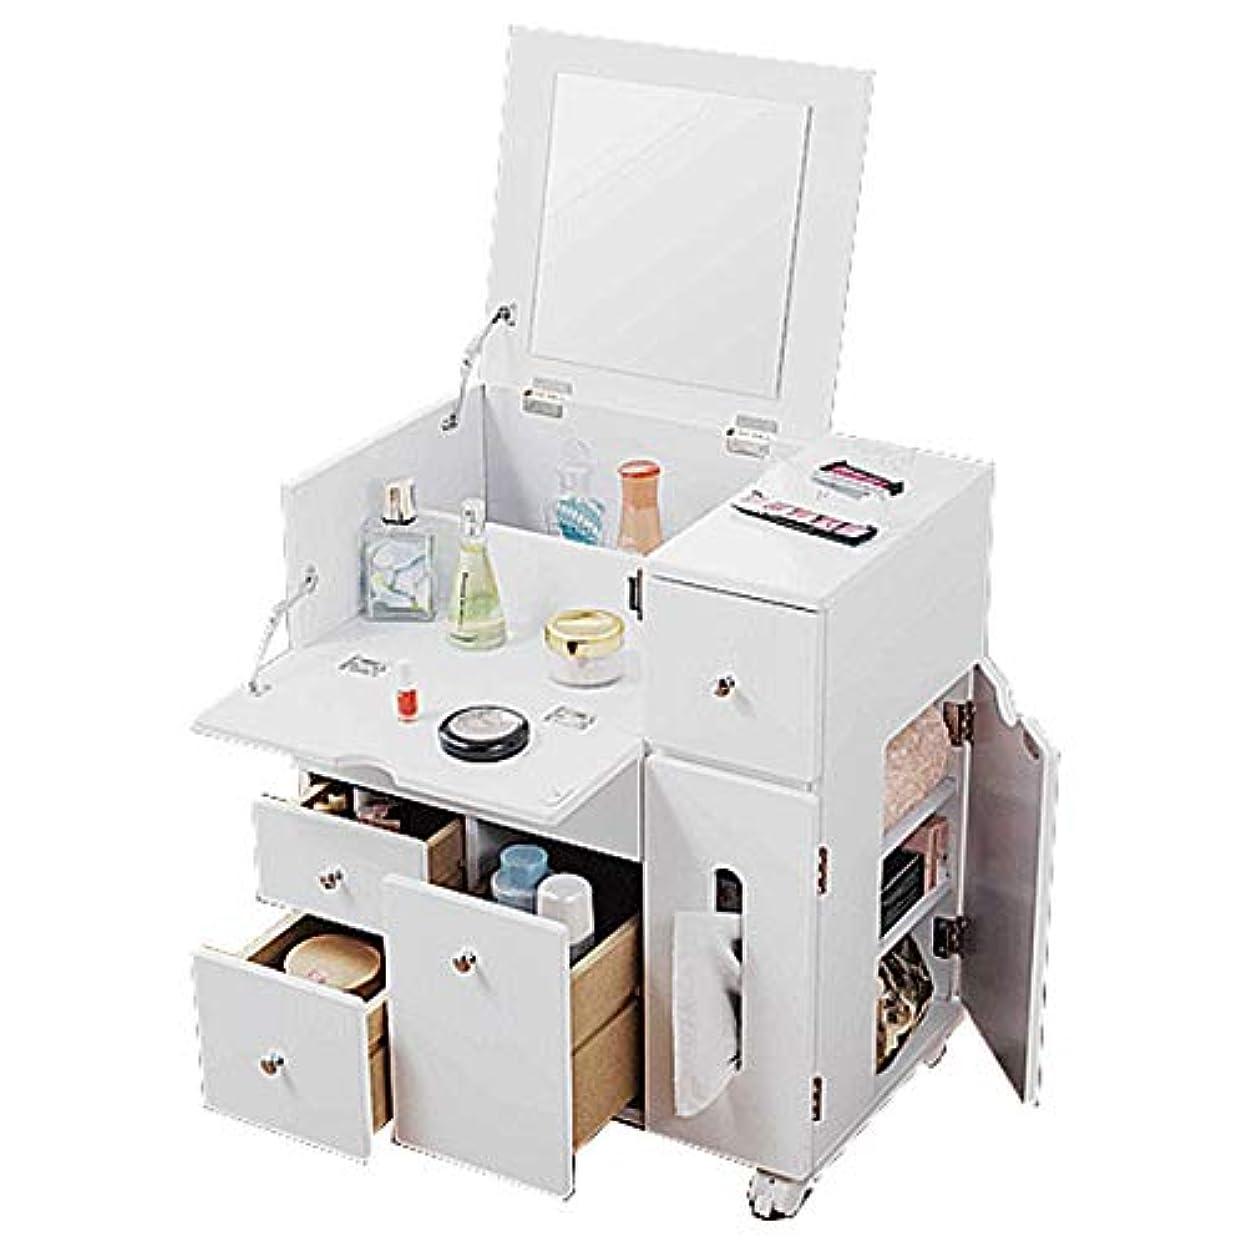 完成品 コスメワゴン コスメボックス 鏡台 ミラー 収納 シンプル 木製 Cosmetics Wagon メイクボックス ホワイト